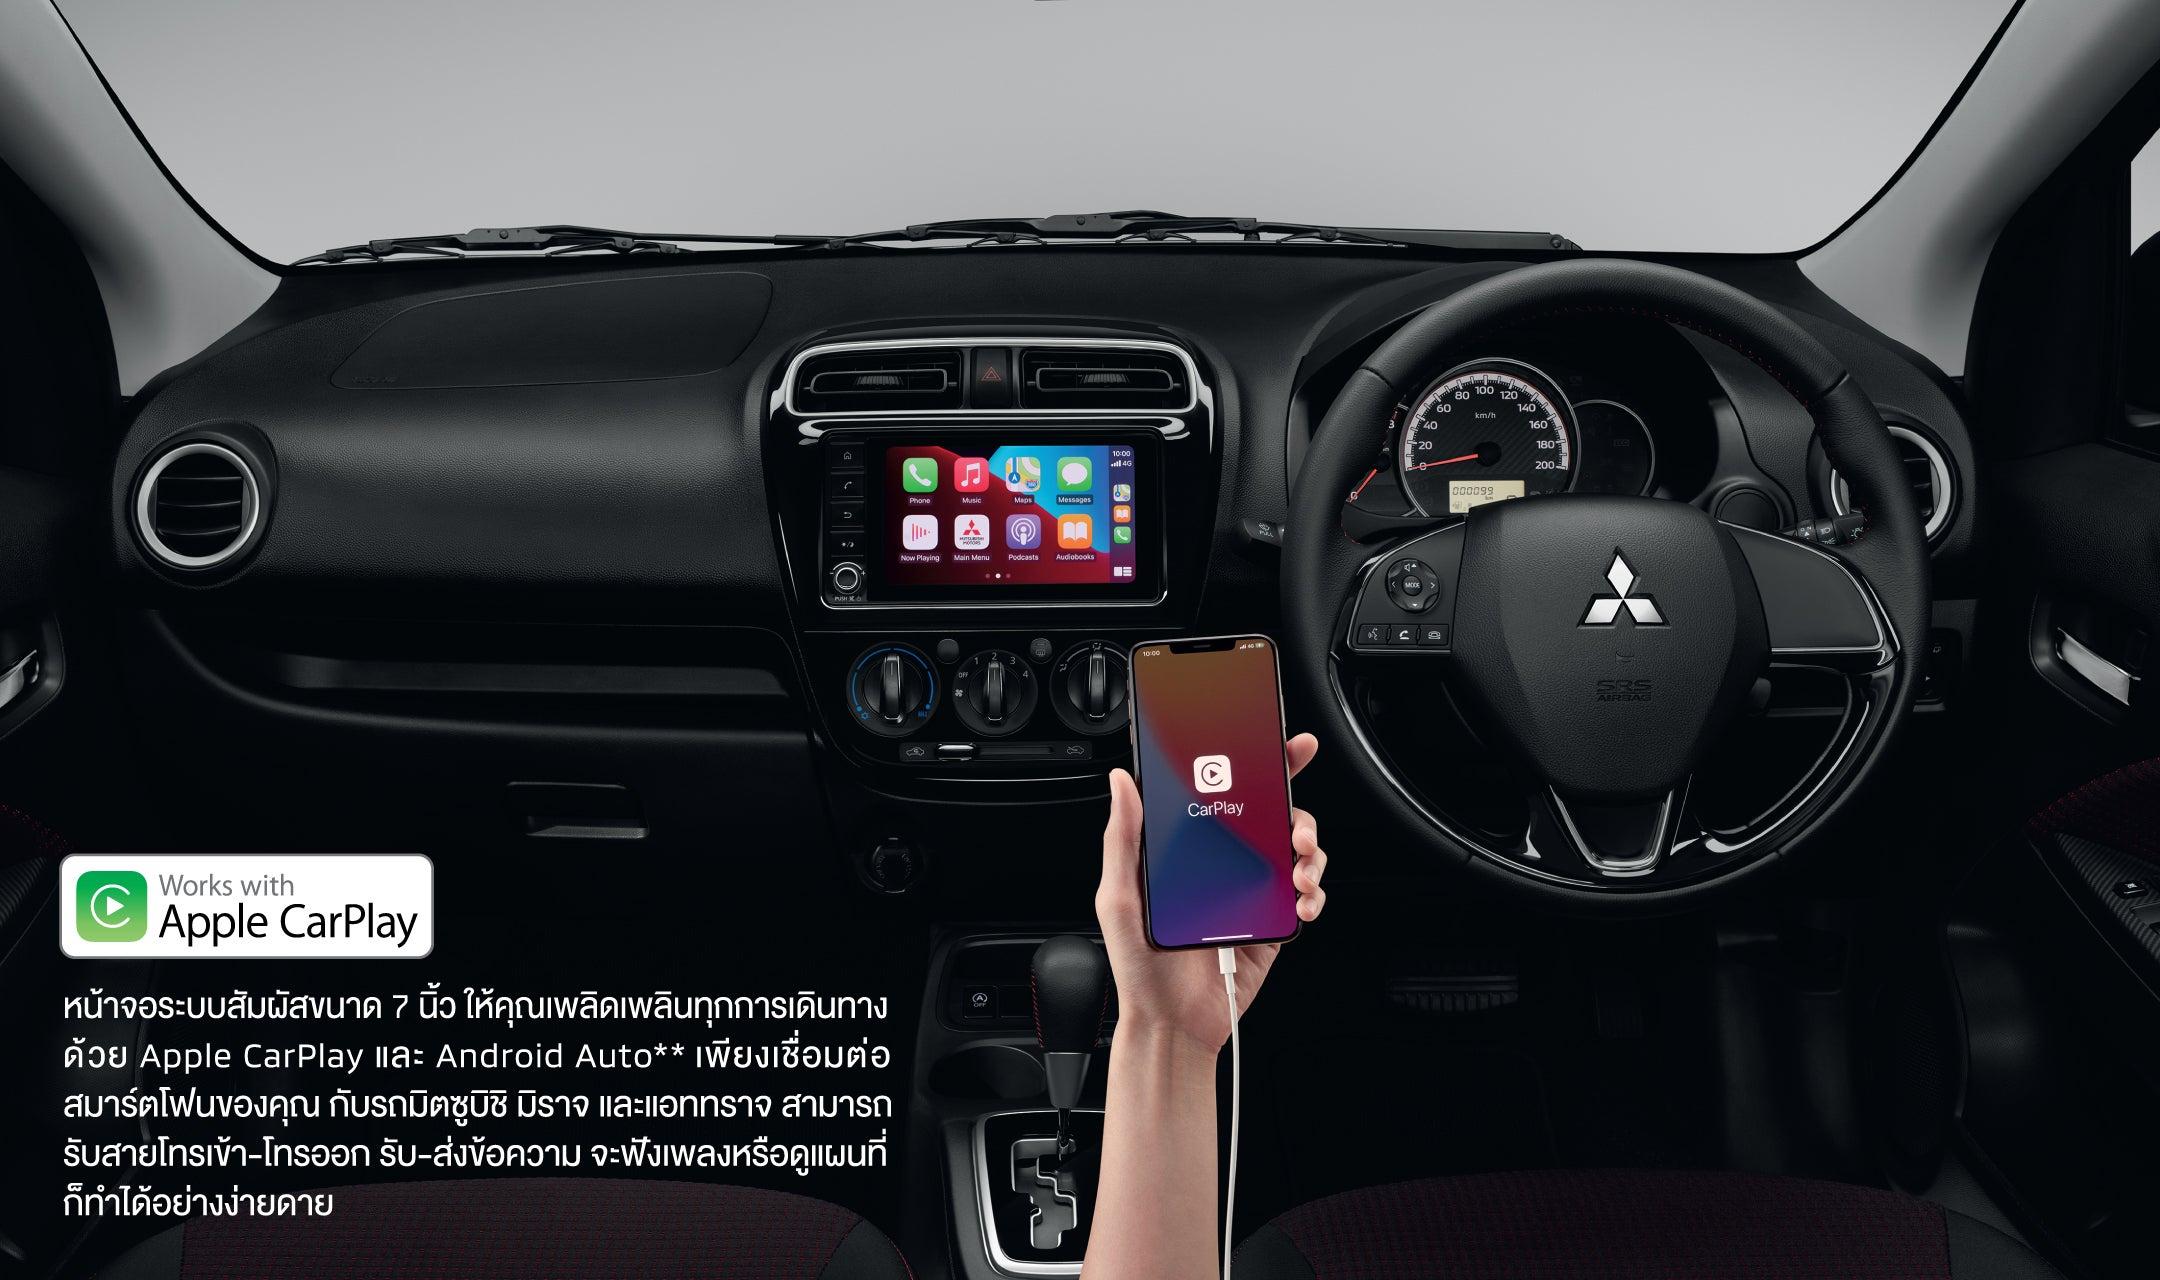 เพลิดเพลินในเส้นทางไปกับ Apple CarPlay หน้าจอระบบสัมผัส SDA ขนาด 7 นิ้ว